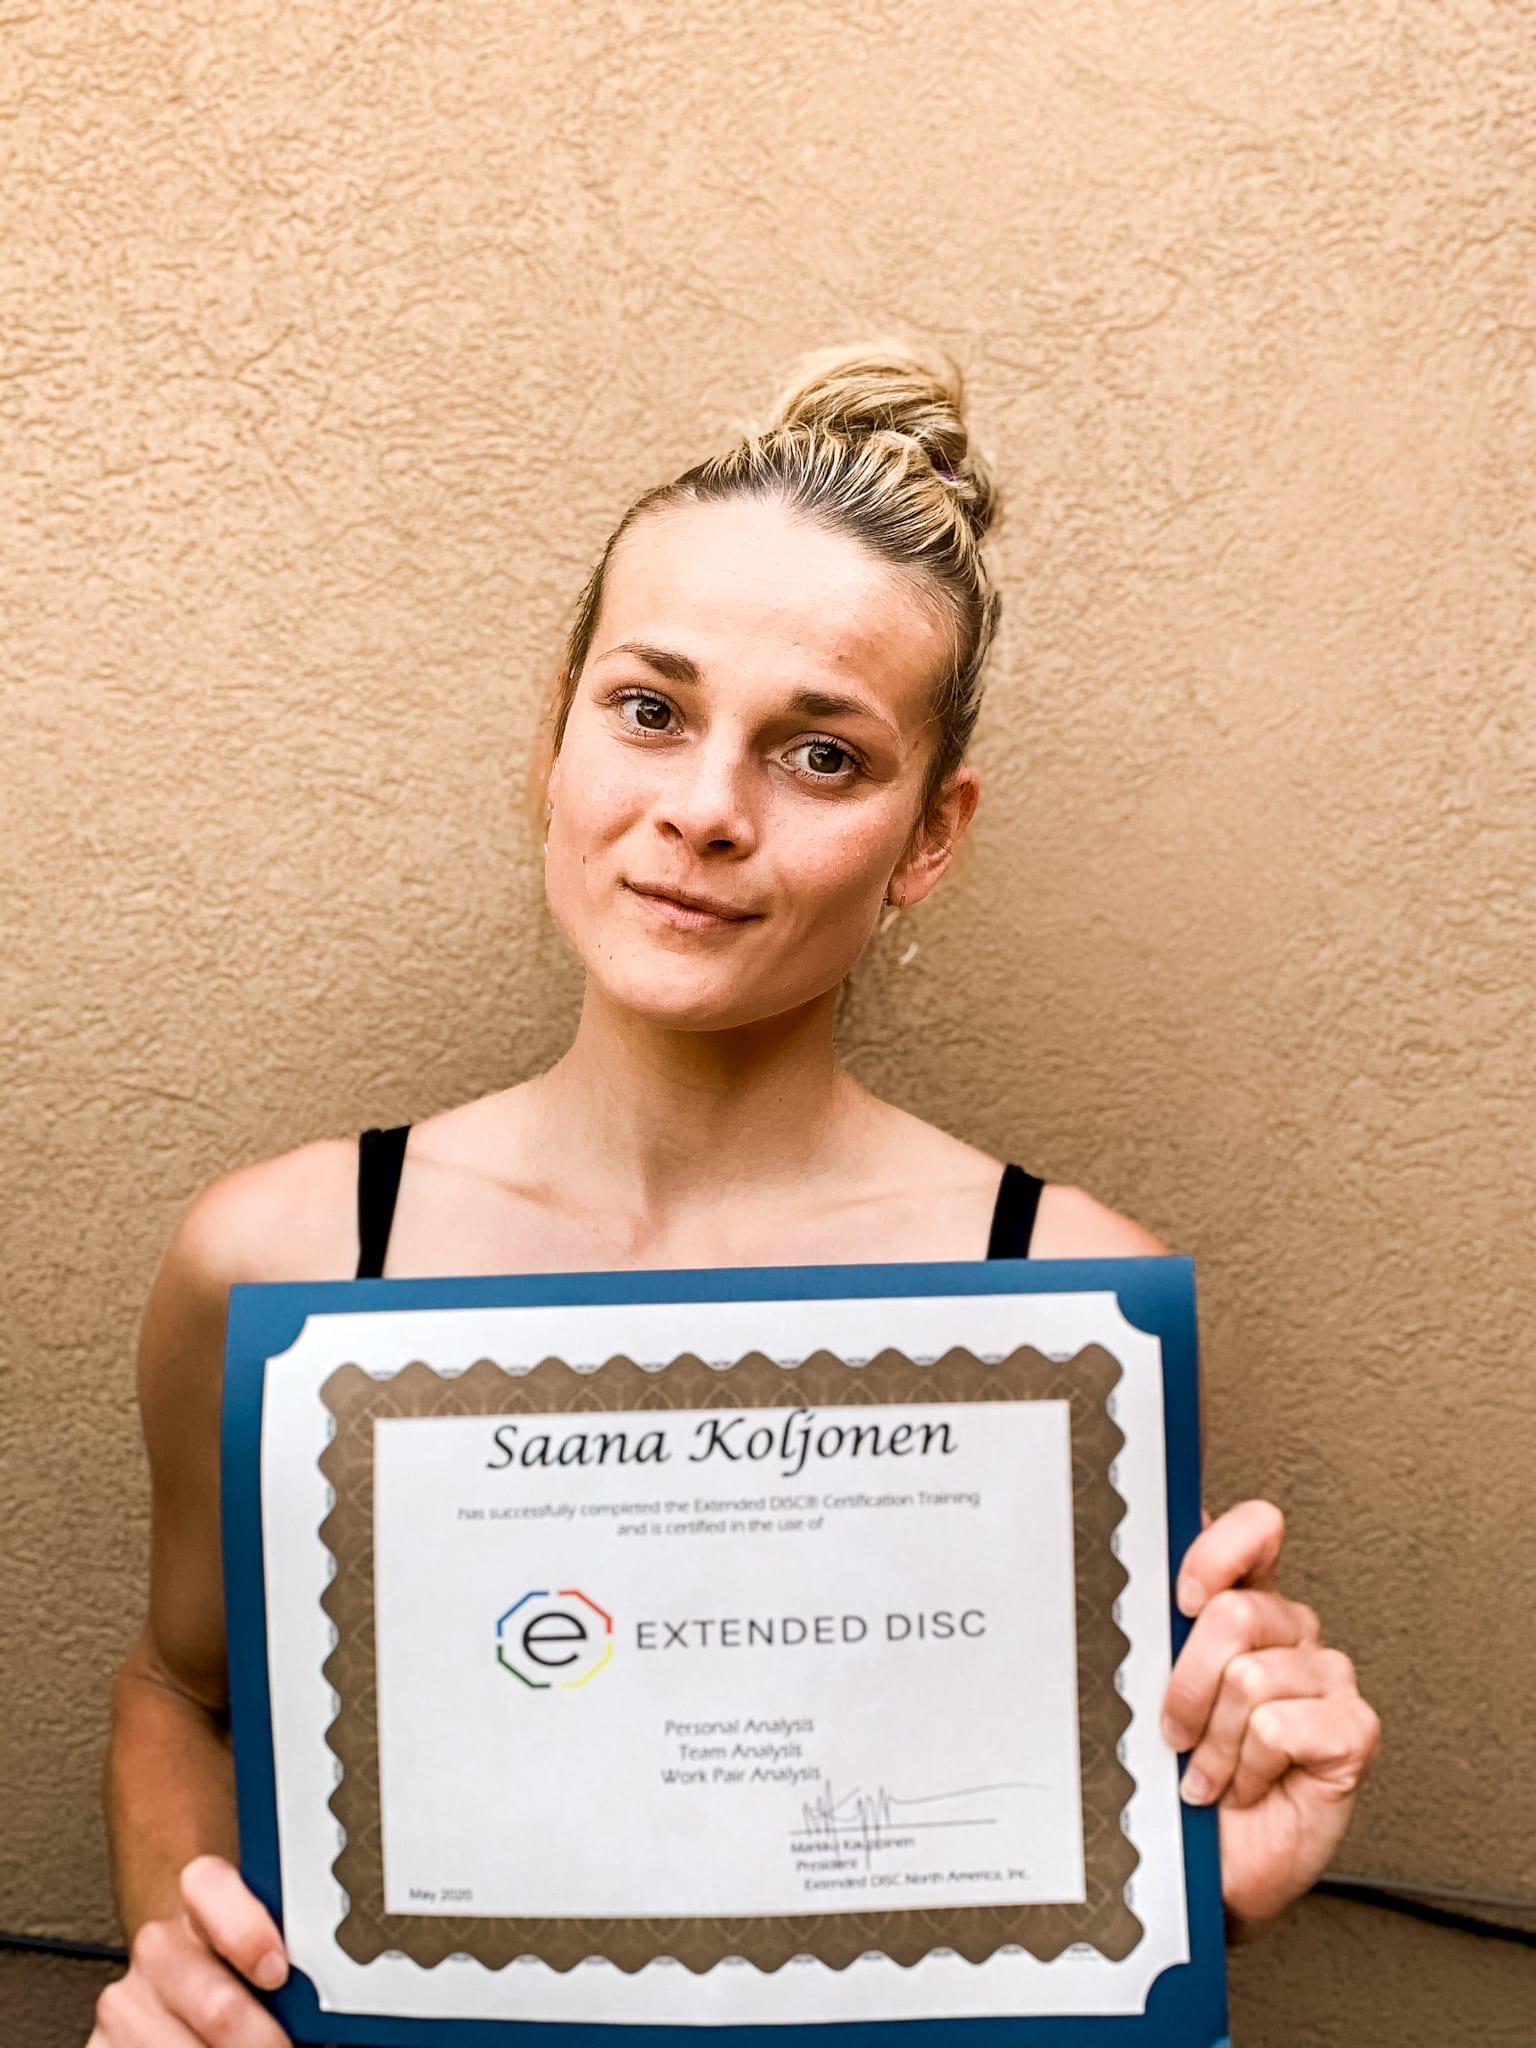 Saana Koljonen Extended DISC certificate